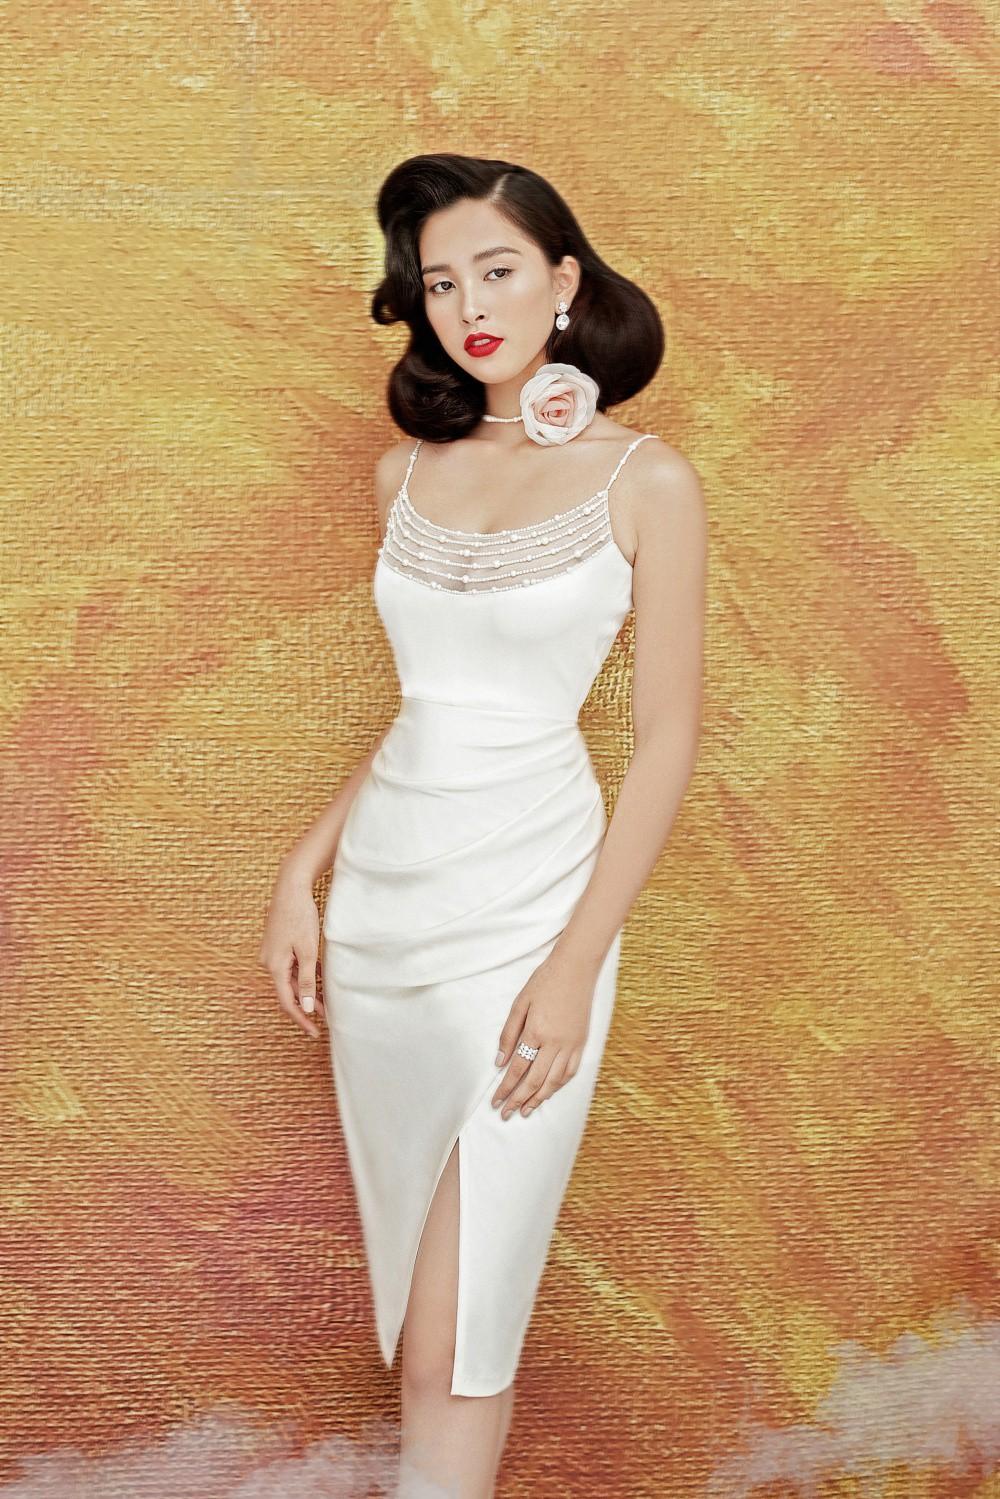 Không thể nhận ra đây là mỹ nhân 10x Trần Tiểu Vy sau nửa năm đăng quang Hoa hậu Việt Nam 2018 - Ảnh 5.